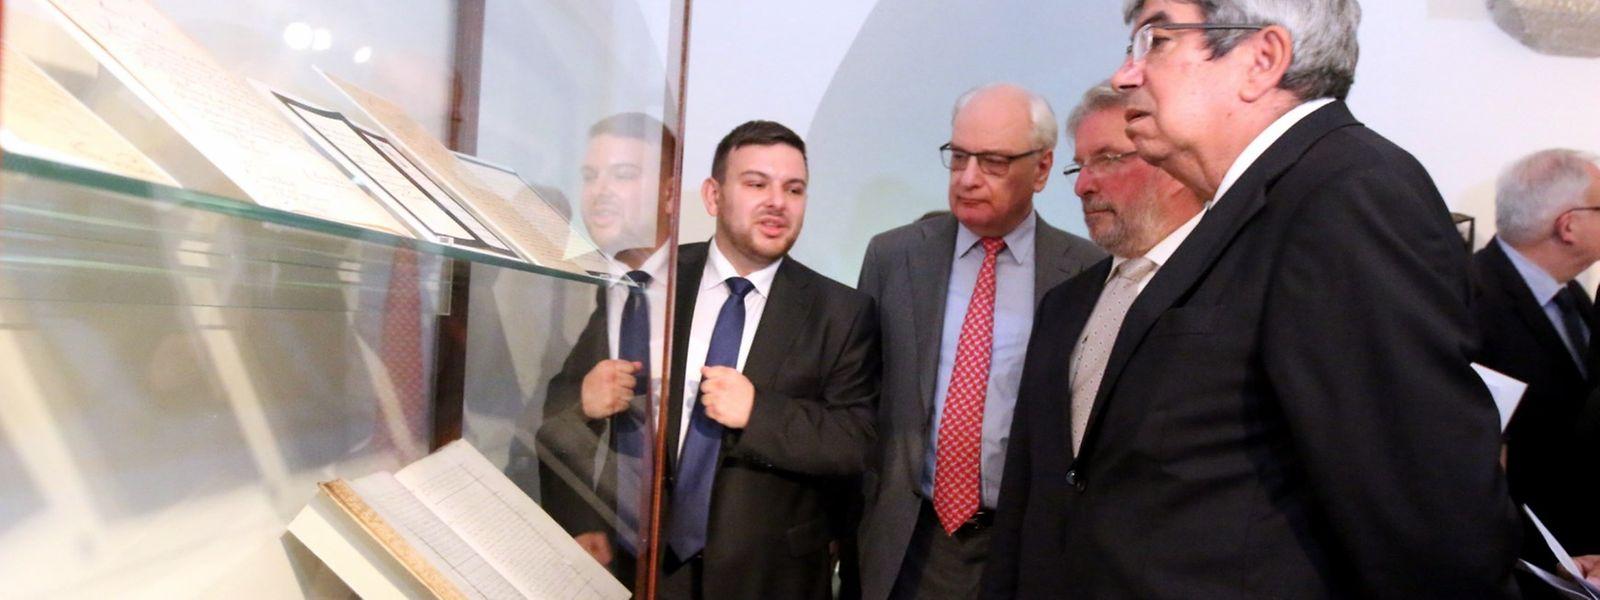 O presidente do Parlamento luxemburguês, Mars di Bartolomeo (segundo à direita), e o seu homólogo português, Eduardo Ferro Rodrigues (à direita), na inauguração da exposição, no dia 12 de Setembro.